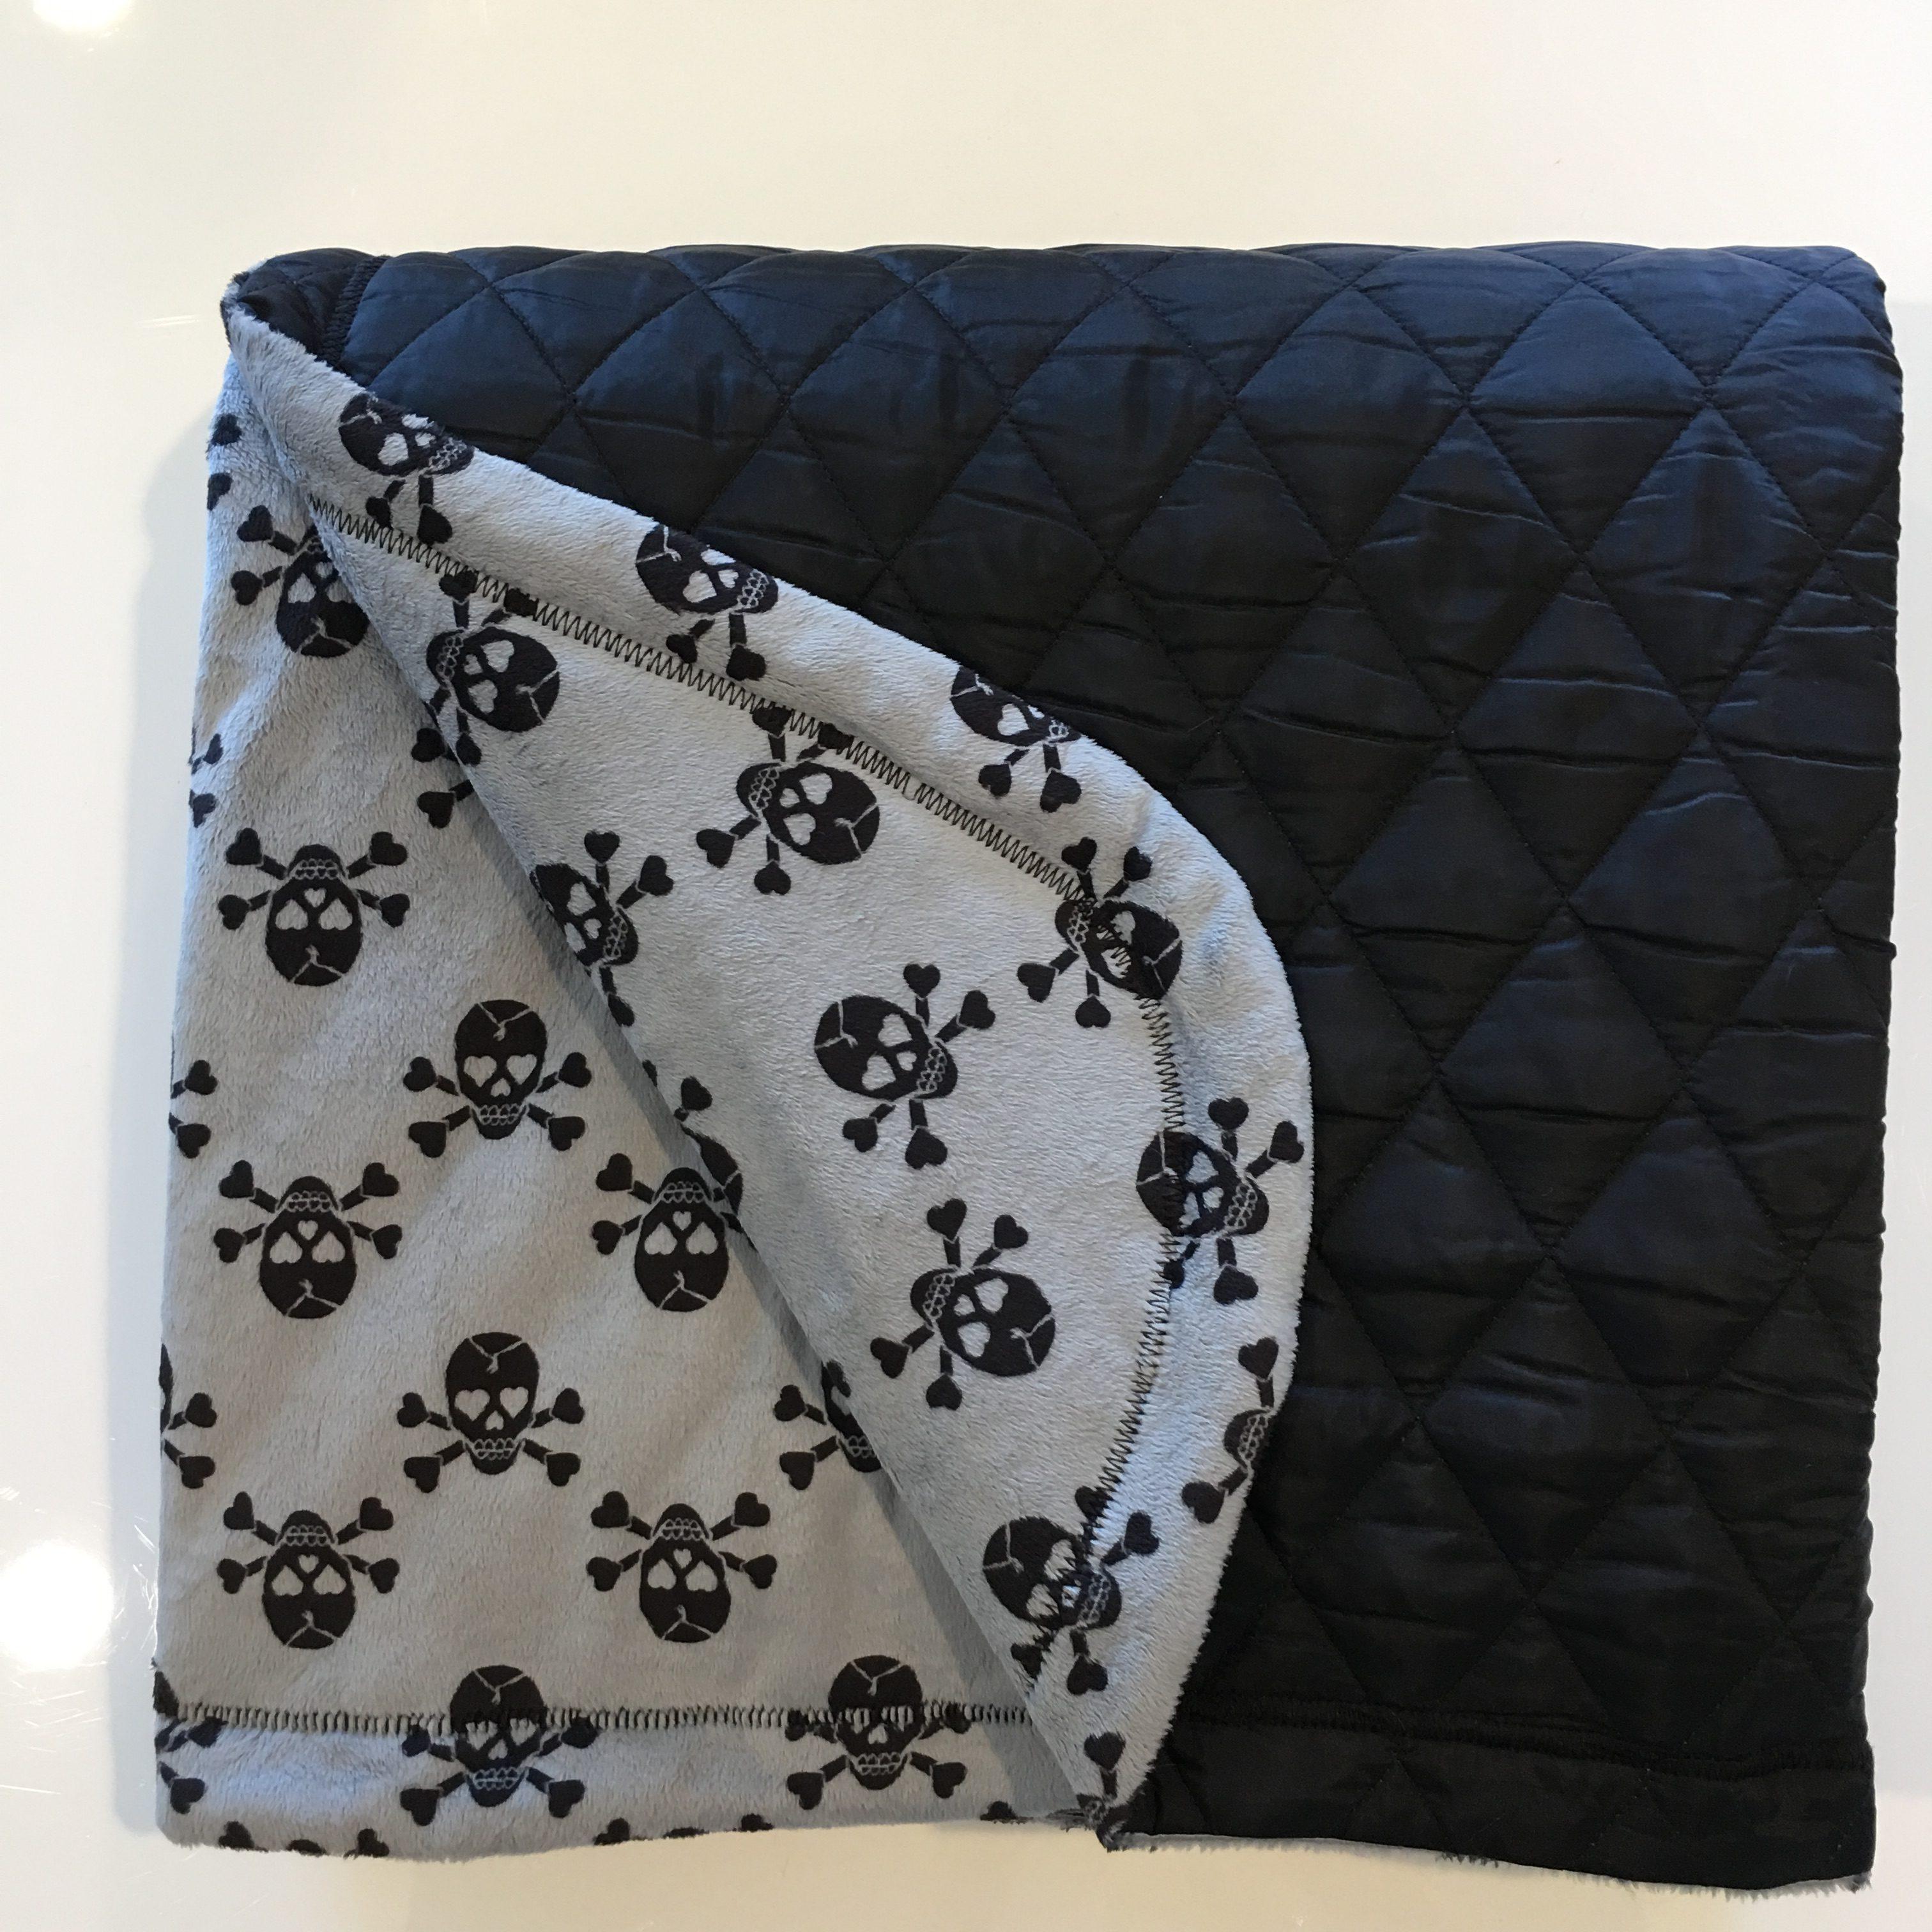 Skulls gray w black quilt backing floor mat baby jade for Floor quilt for babies